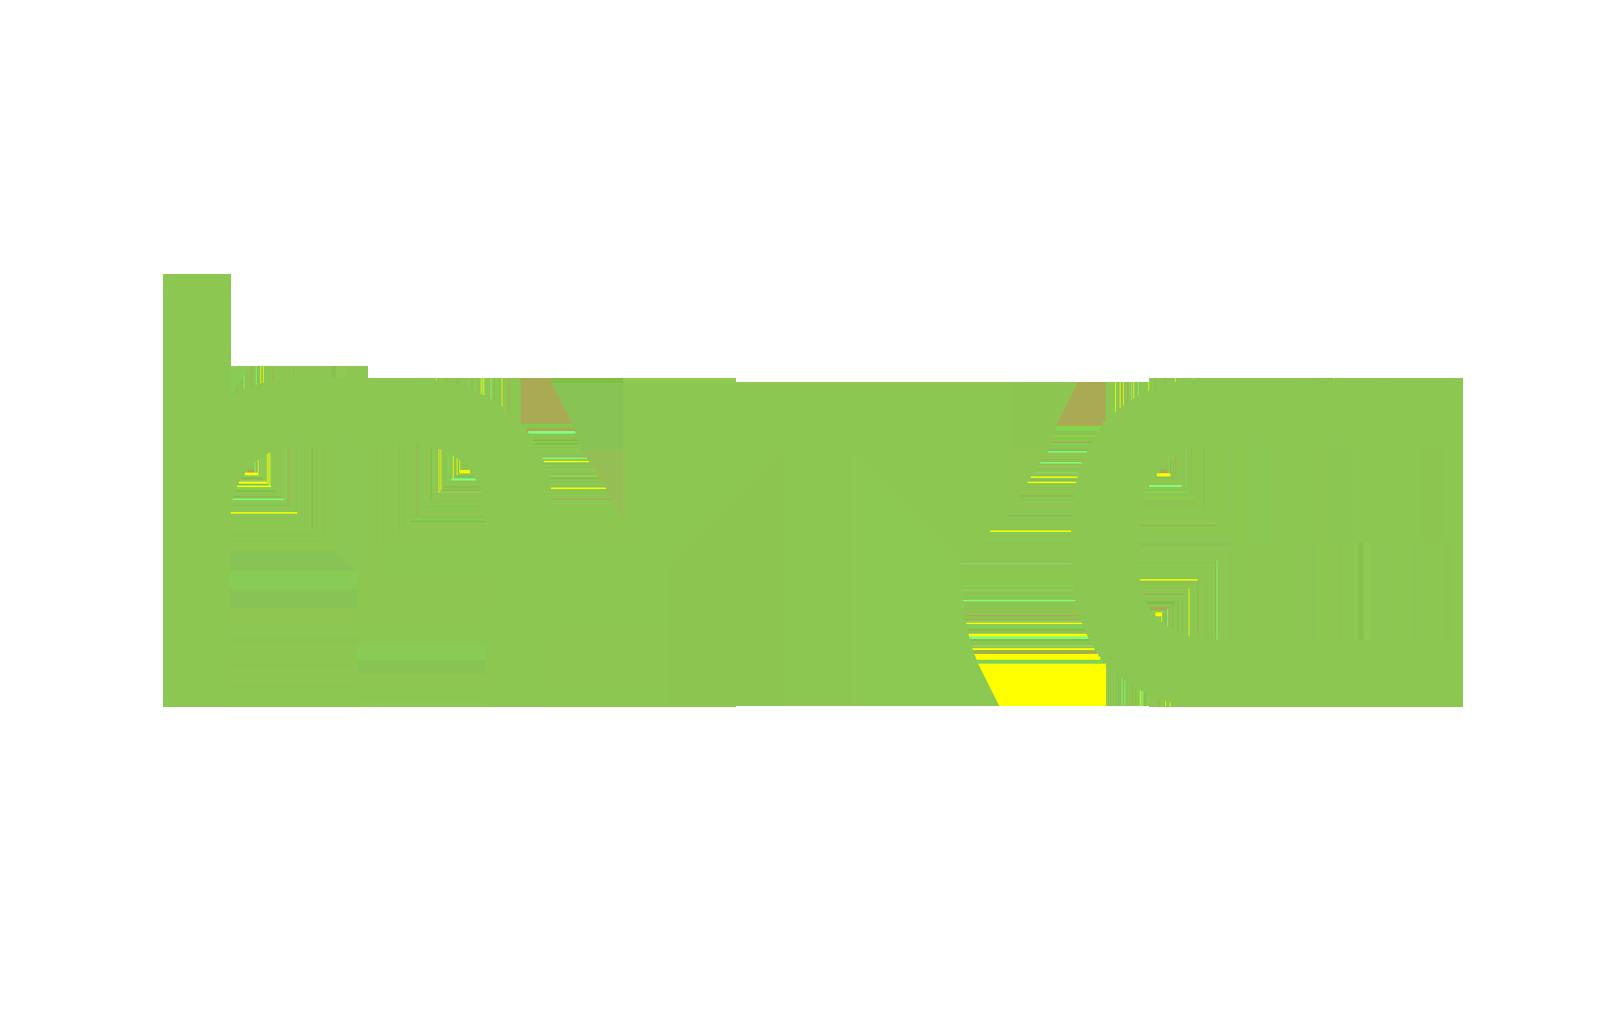 درآمد اچتیسی (HTC) به لطف U11 در حال افزایش است